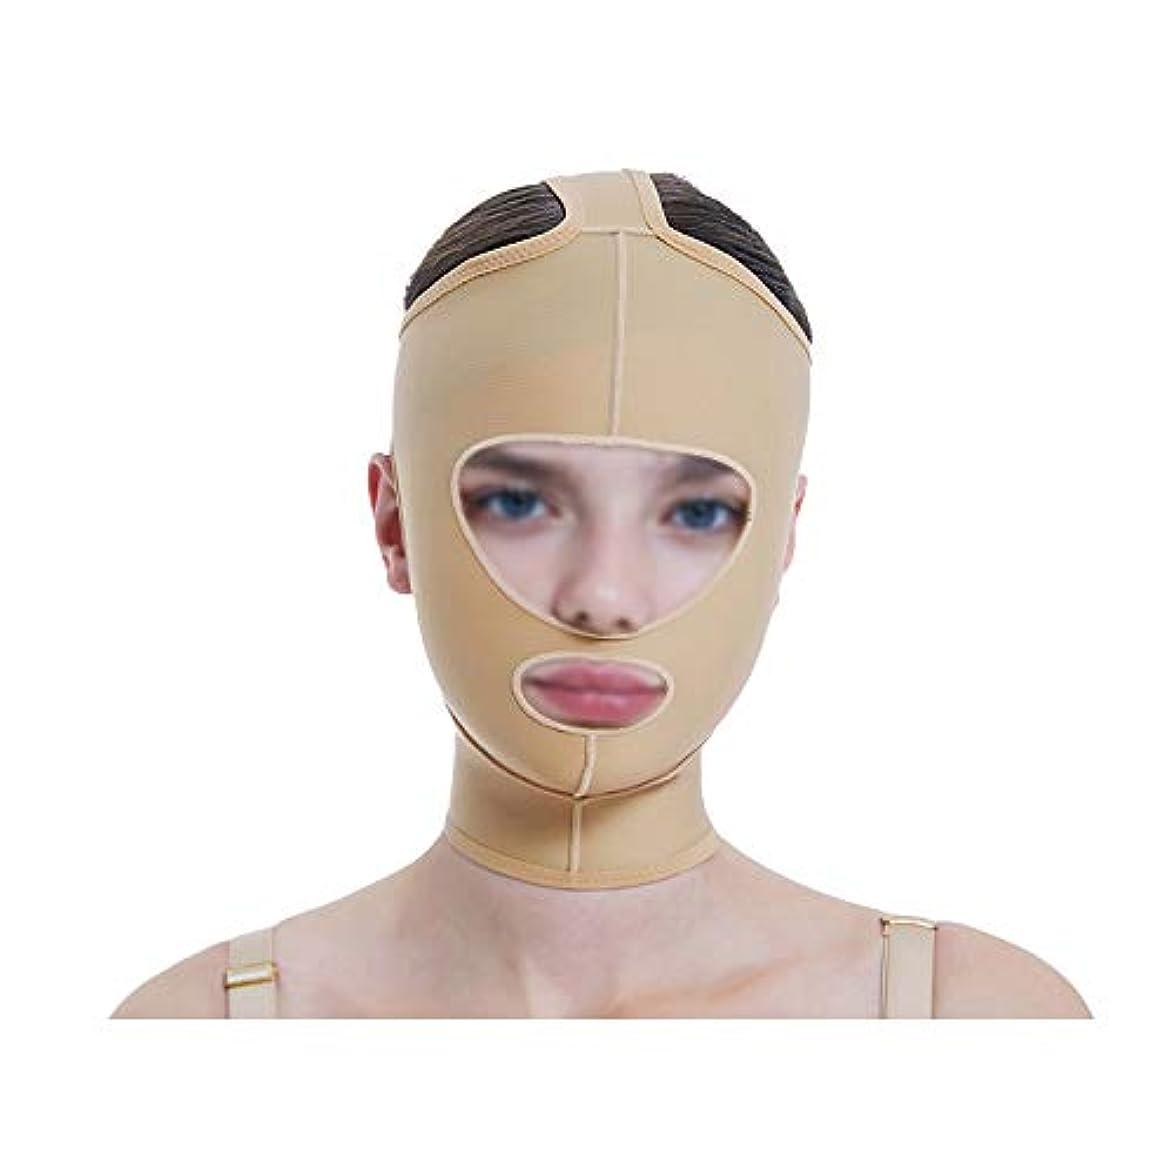 ハンバーガー車祈りGLJJQMY 顔と首のリフト痩身マスクの顔の彫刻の顔の弾性スーツ薄い二重あごのアーティファクトV顔のビーム表面 顔用整形マスク (Size : XS)